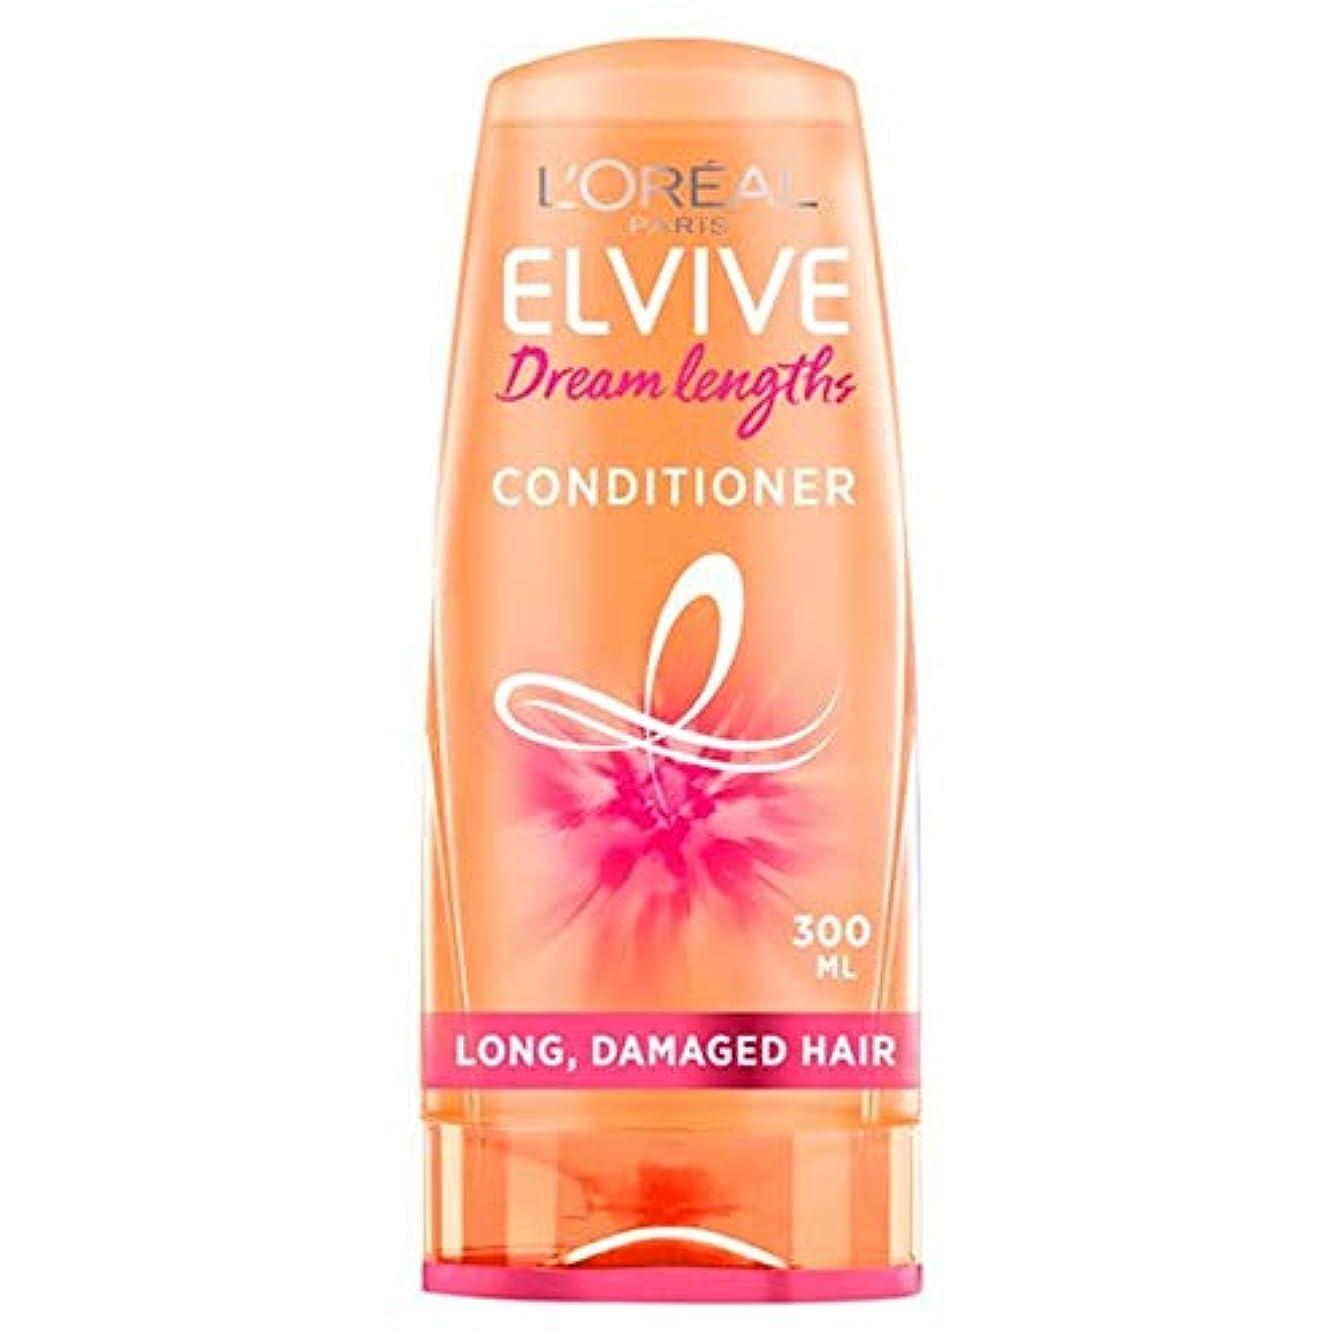 国民投票ハードウェアカヌー[Elvive] ロレアルはElvive長ヘアコンディショナー300ミリリットルの夢 - L'oreal Elvive Dream Lengths Hair Conditioner 300Ml [並行輸入品]